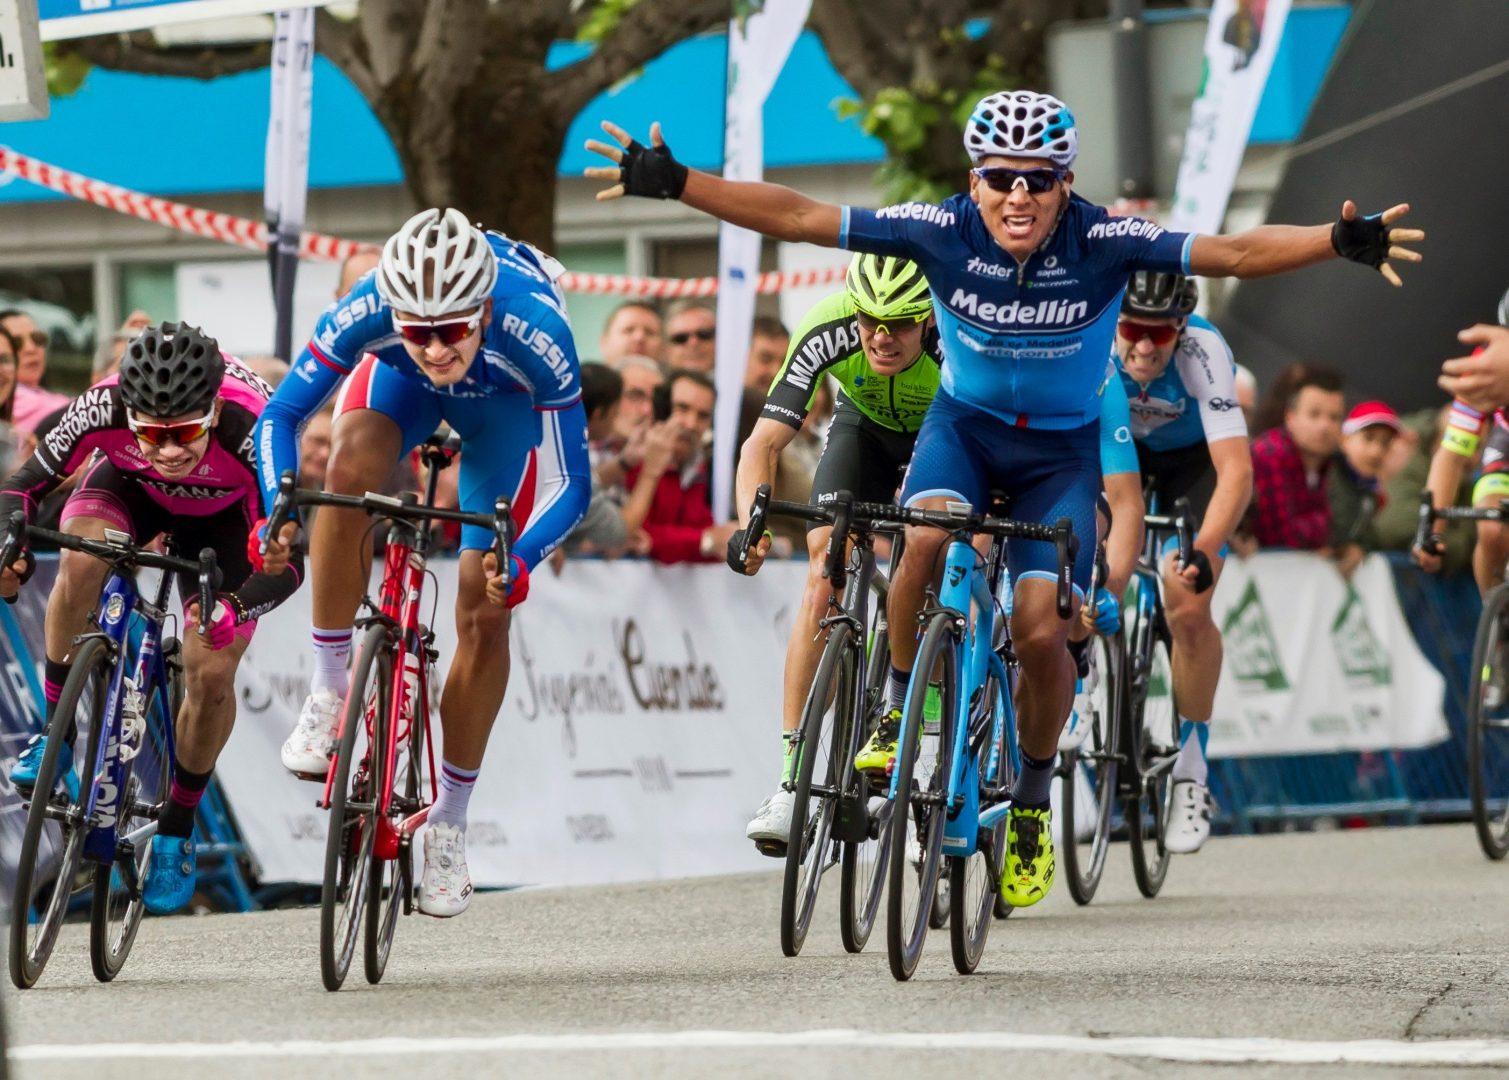 Dimitriy Strakhov ganó la primera etapa de la 61ª Vuelta a Asturias, en la que al ecuatoriano Jonathan Caicedo se le escapó el triunfo en la línea de meta cuando ya celebraba la victoria. (Foto: EFE/Alberto Morante)